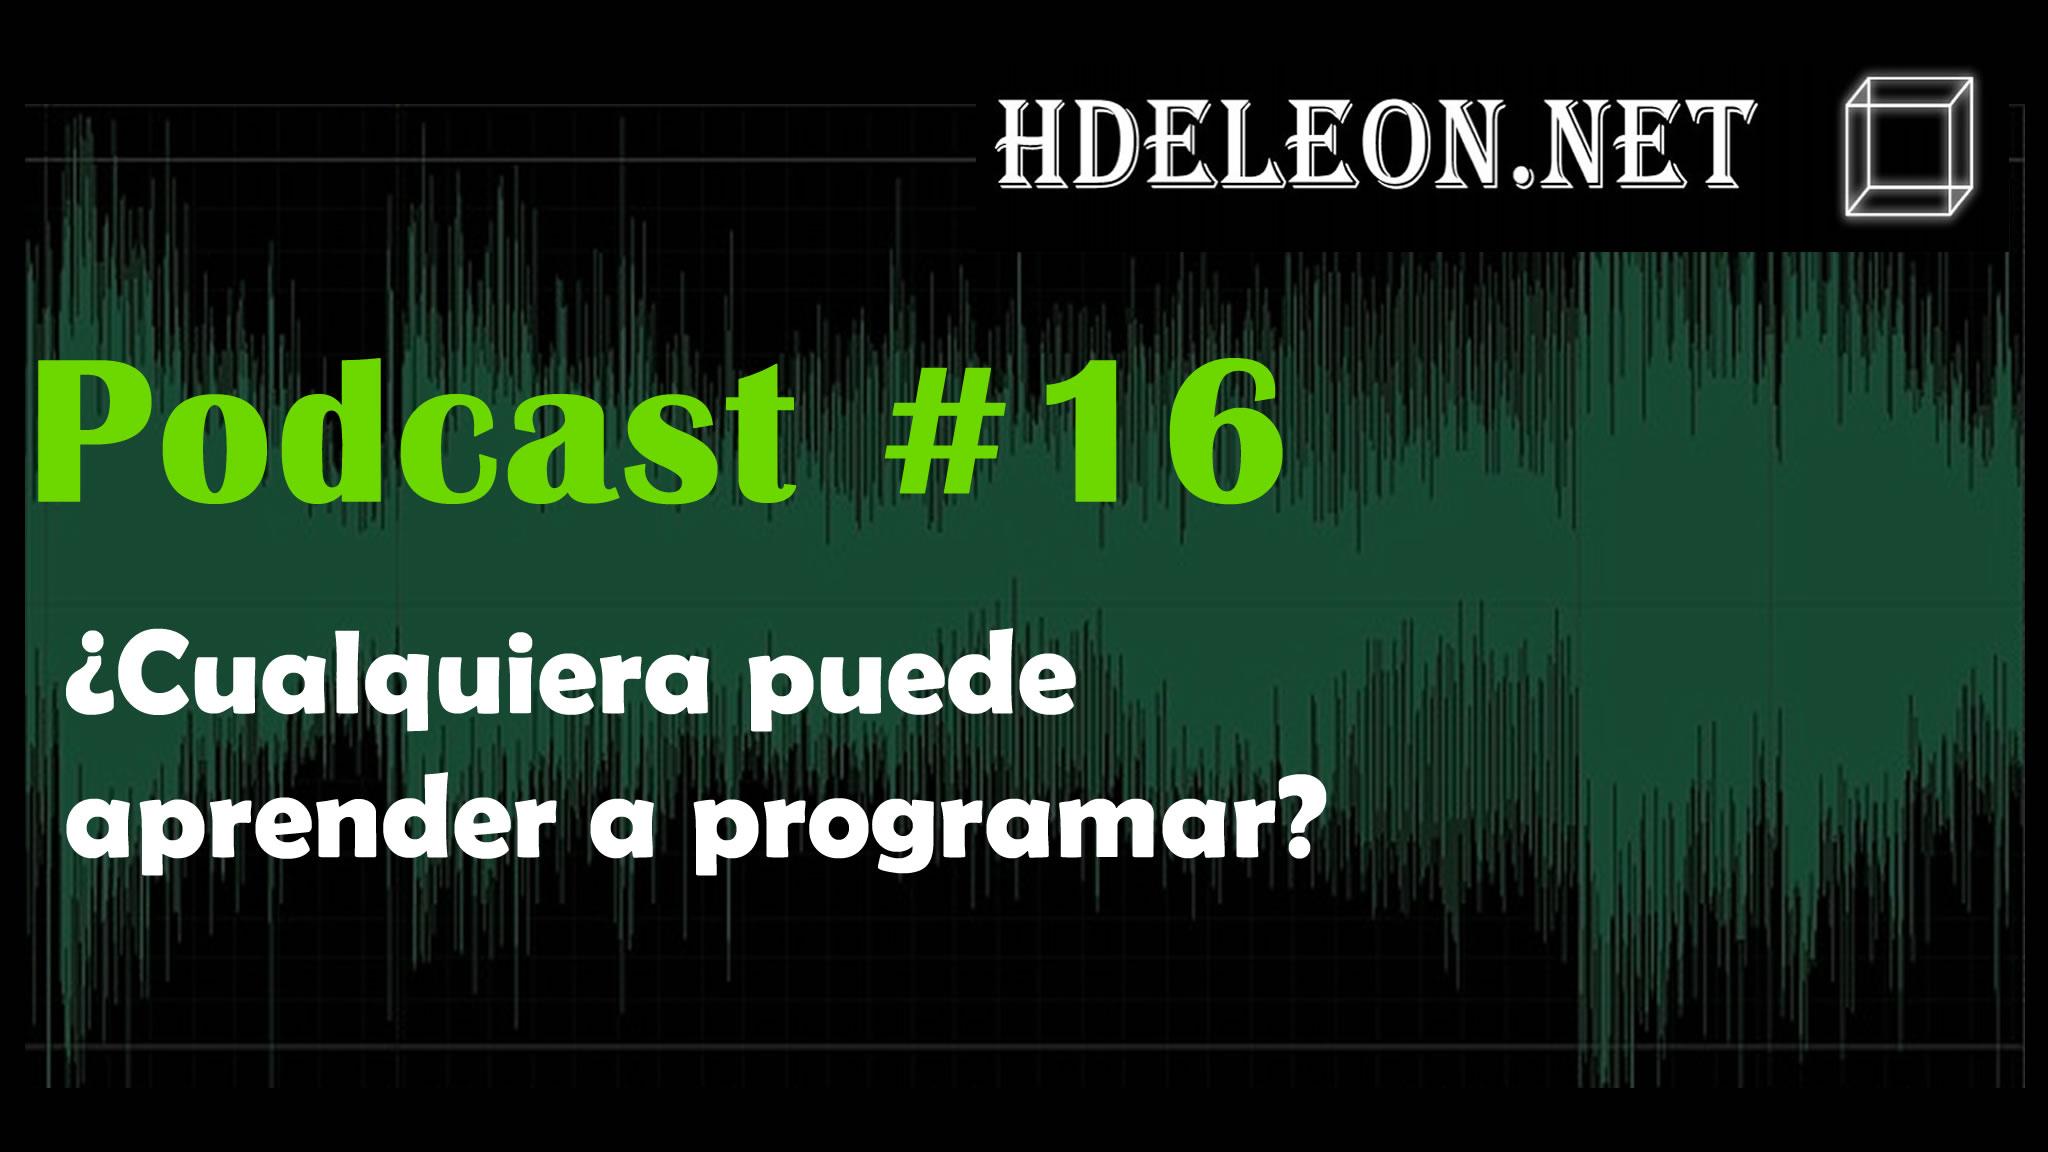 Podcast #16 – ¿Cualquiera puede aprender a programar?